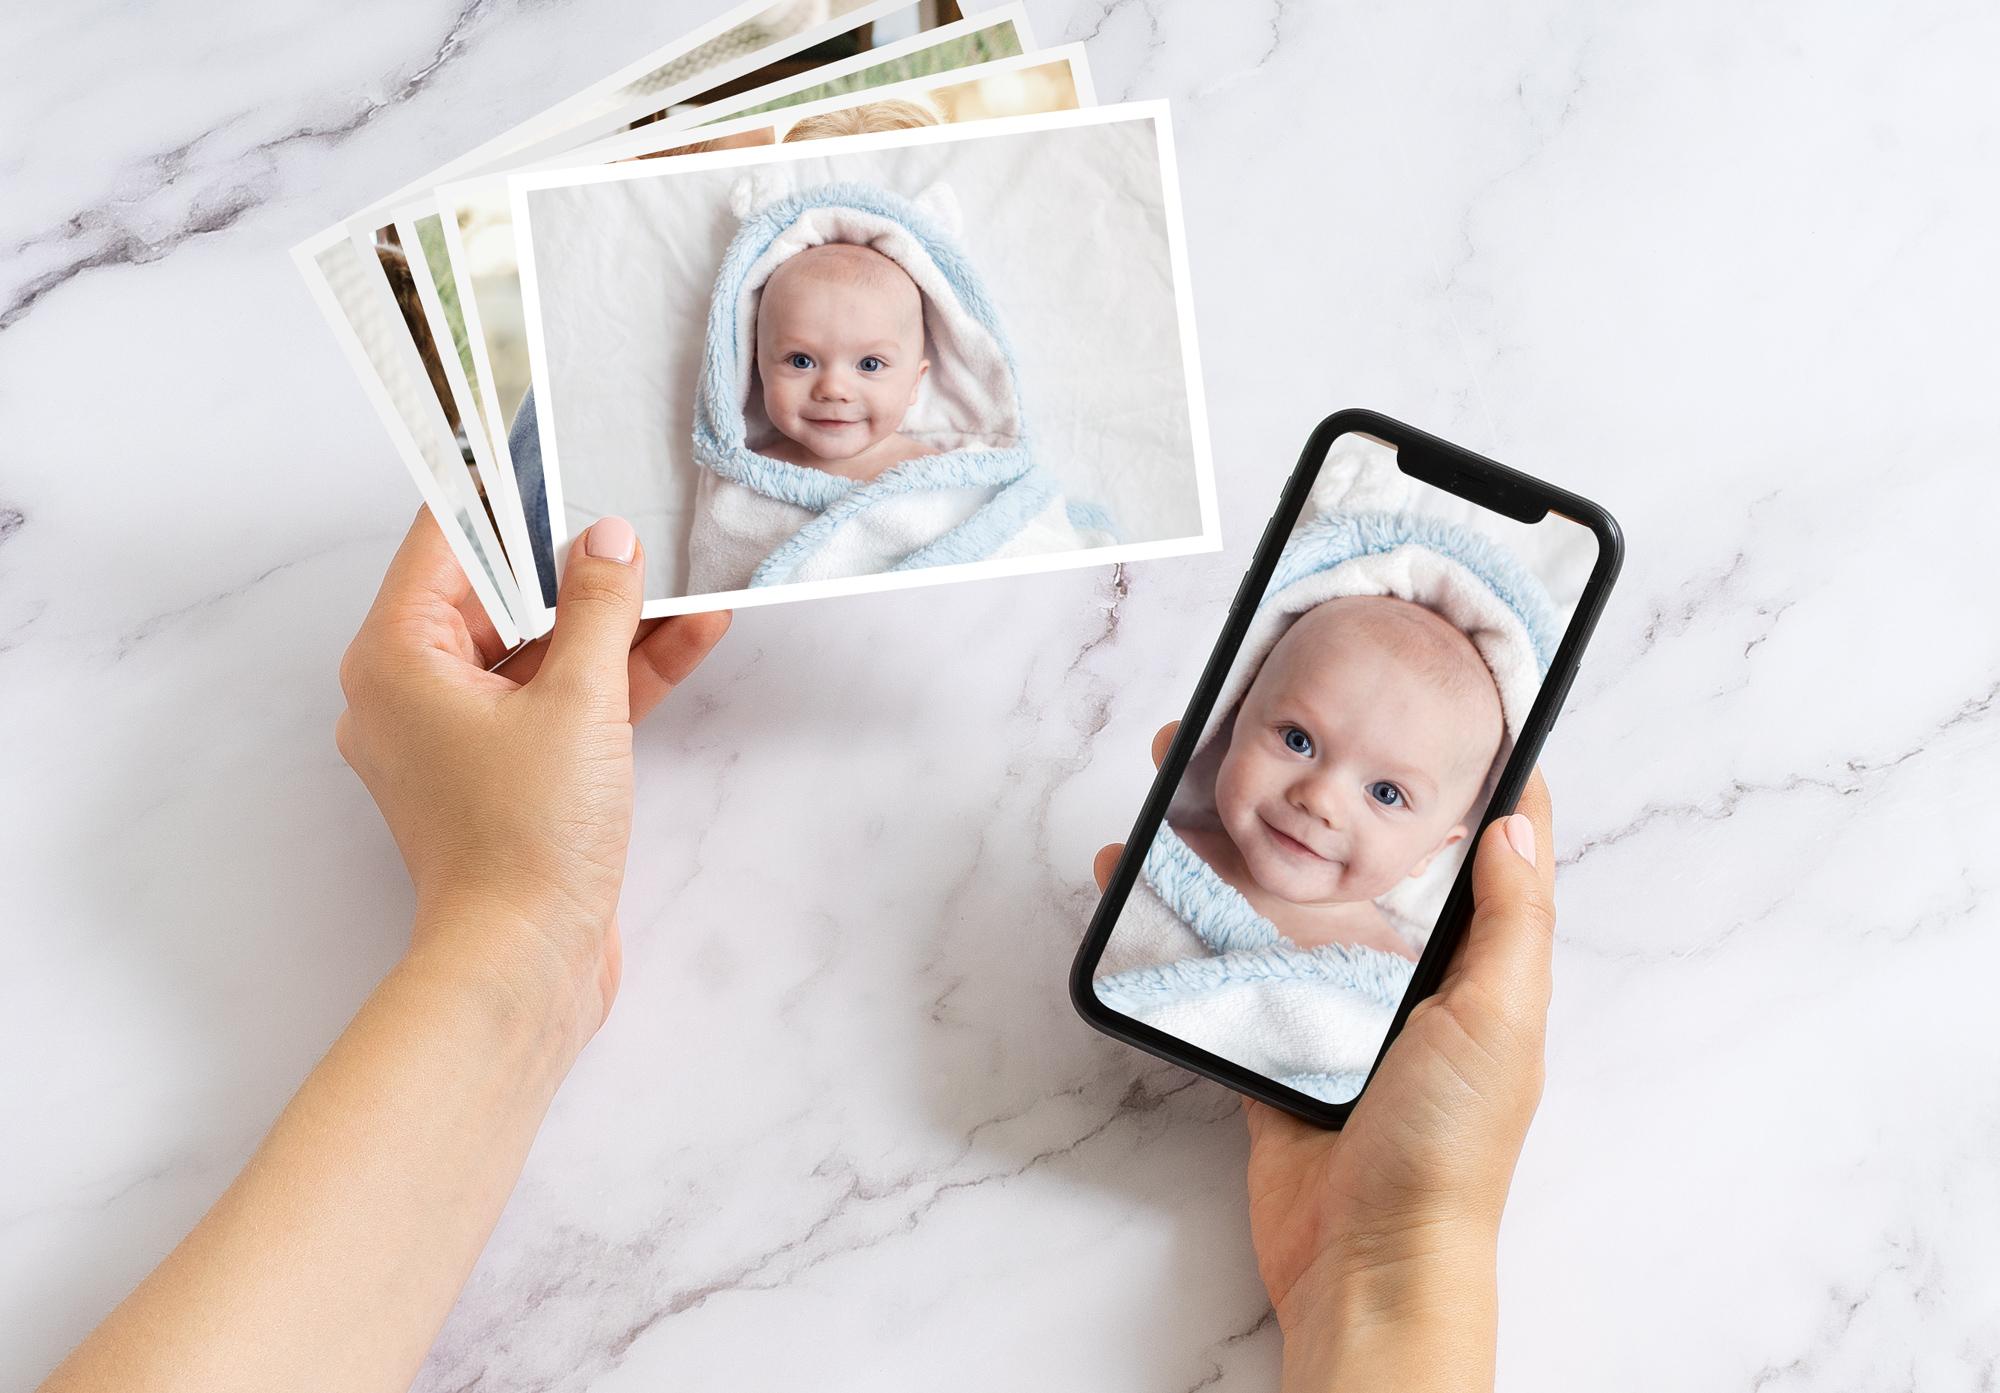 Baby Photo Prints Online